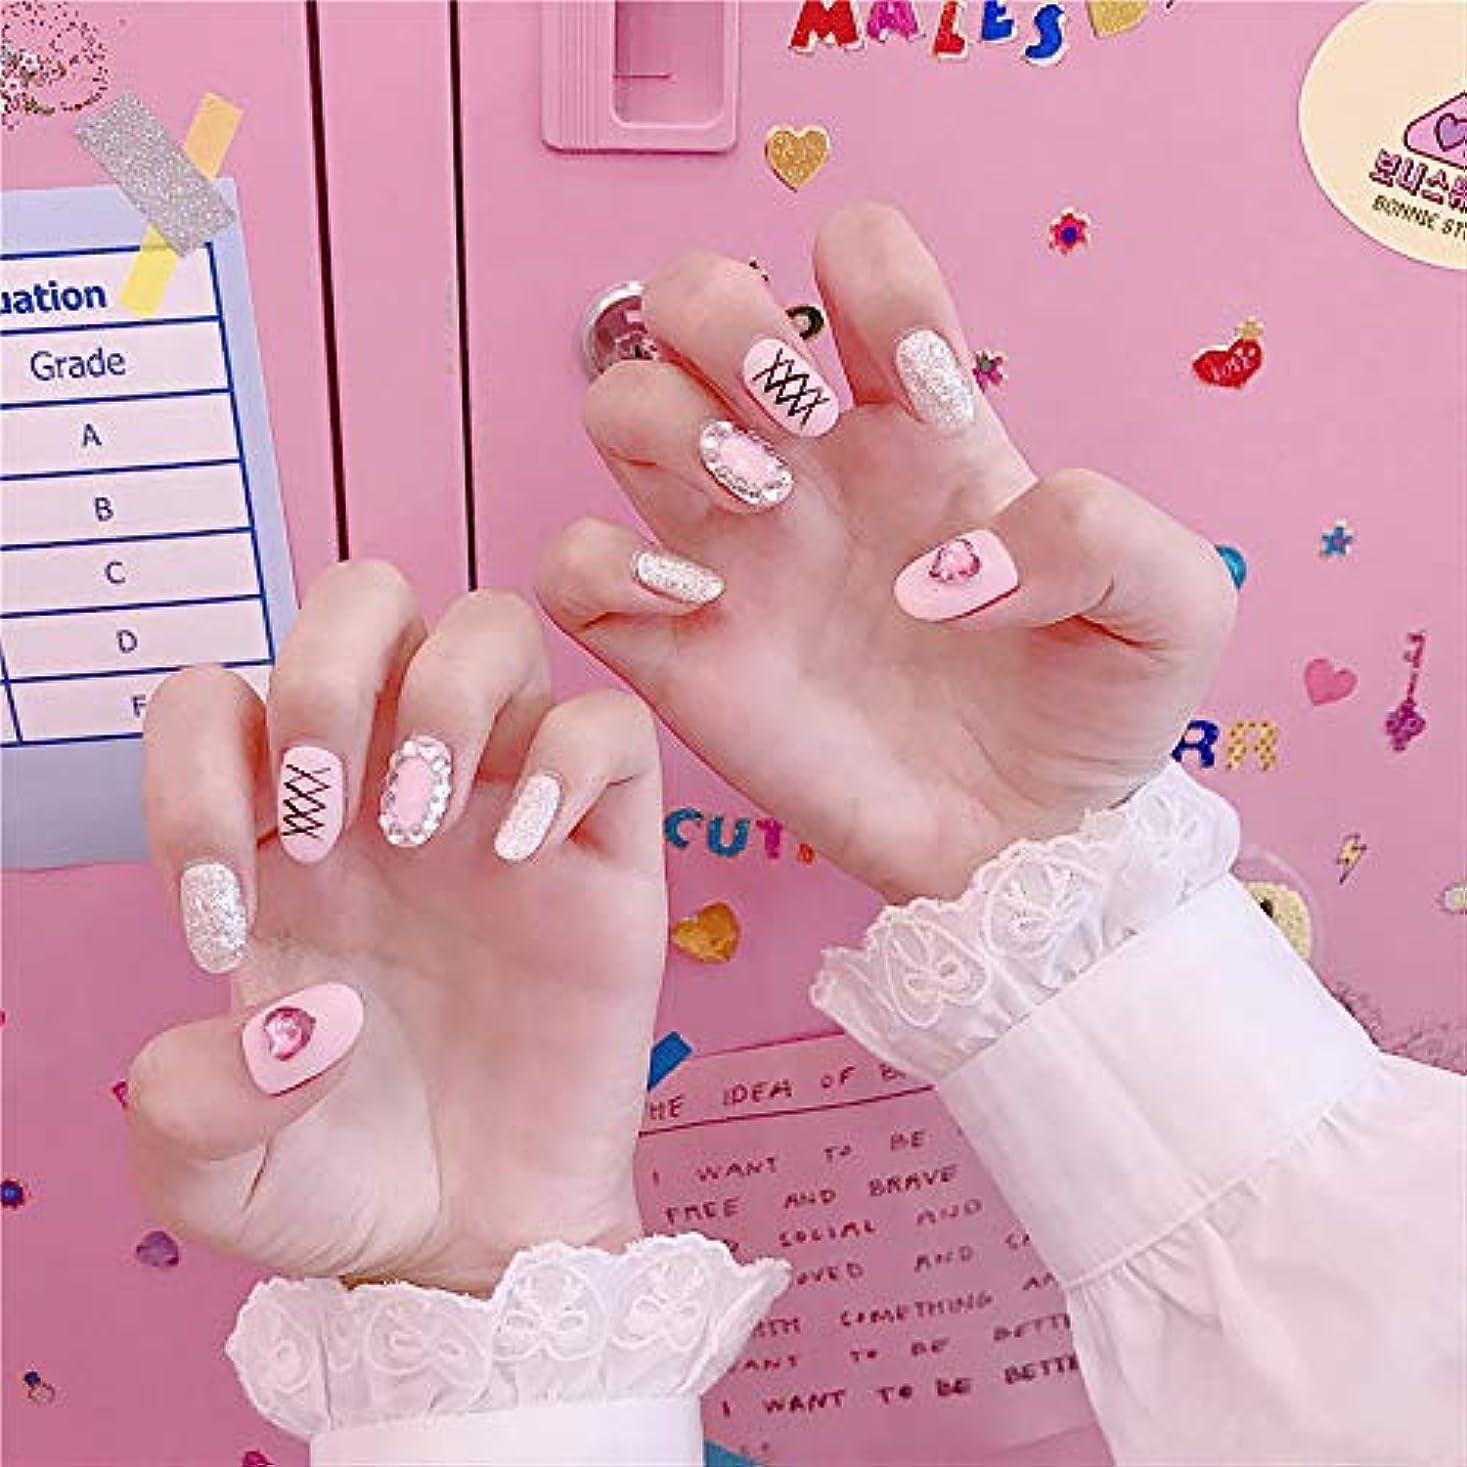 XUTXZKA ピンク色の偽の釘女性ファッション偽ネイルネイルアートのヒント